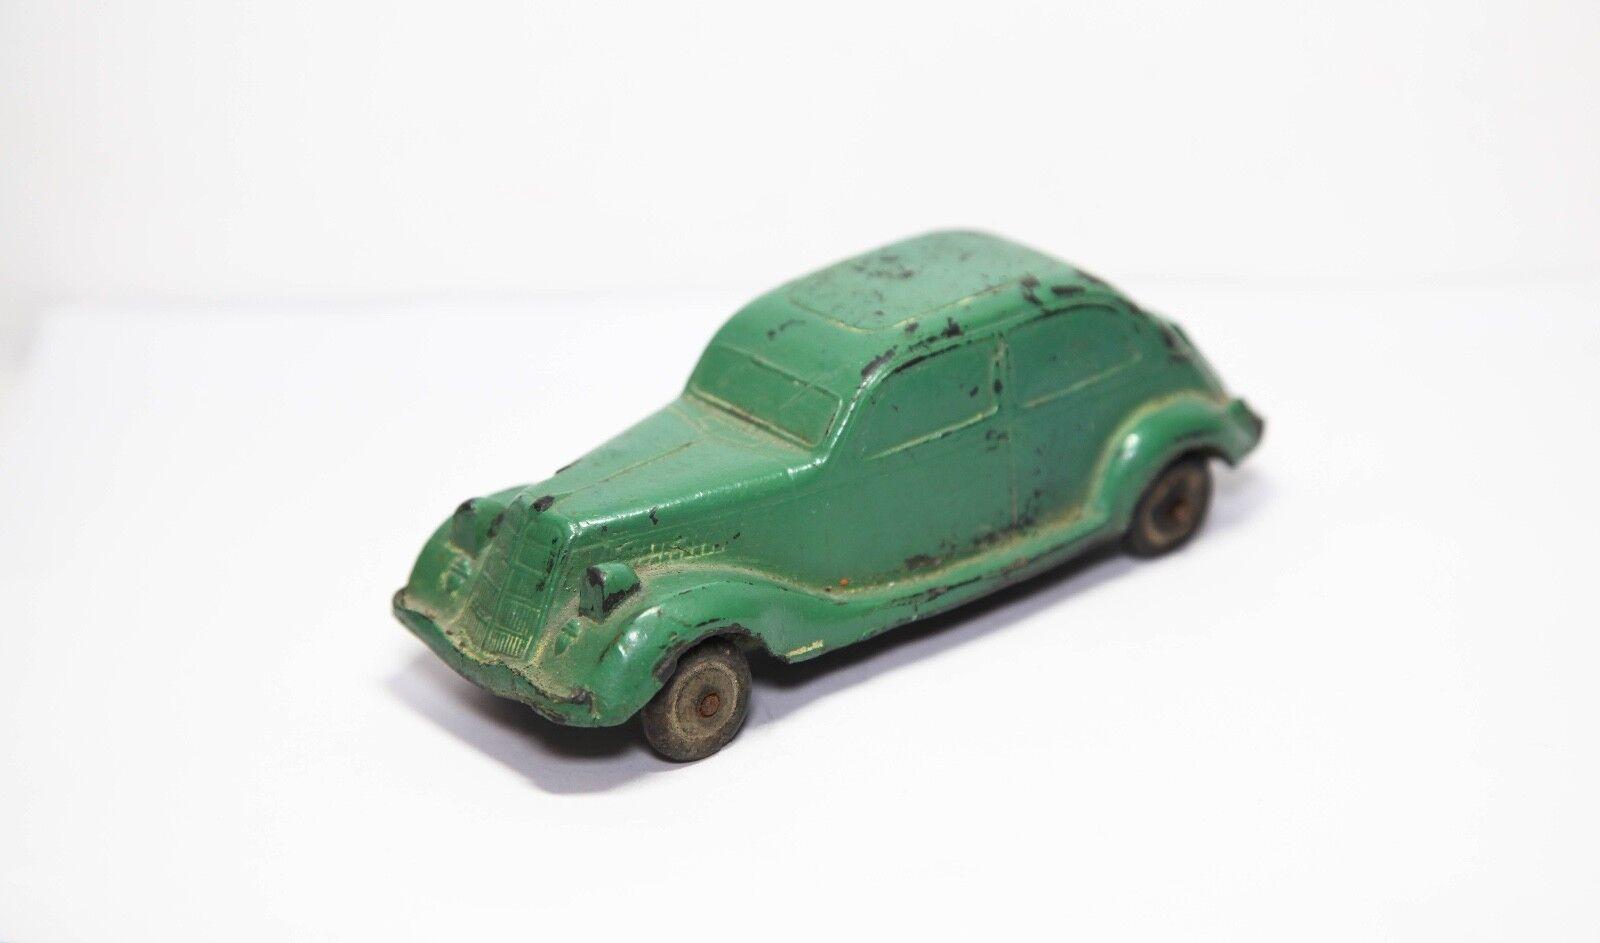 0717 jouets en caoutchouc dur bakélite rationalisée Berline 1940-avant guerre très rare